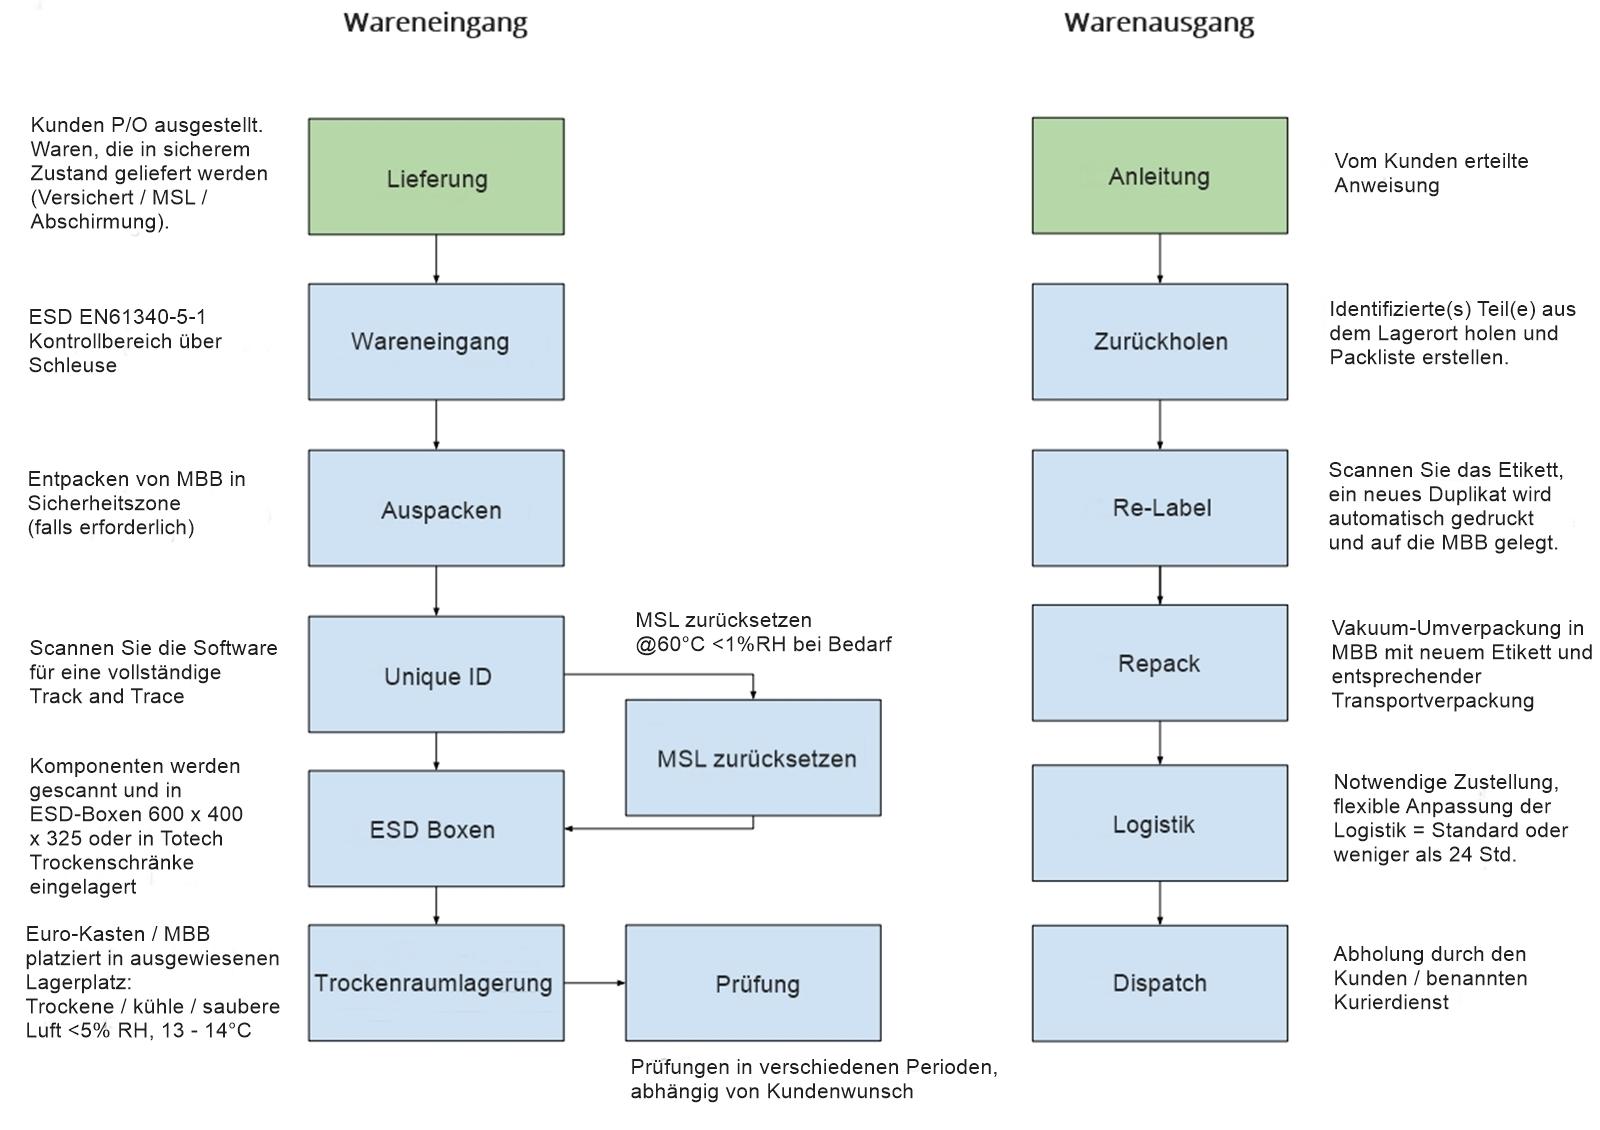 Prozessdiagramm-MSL-gestützten-Langzeitlagerung-LTS